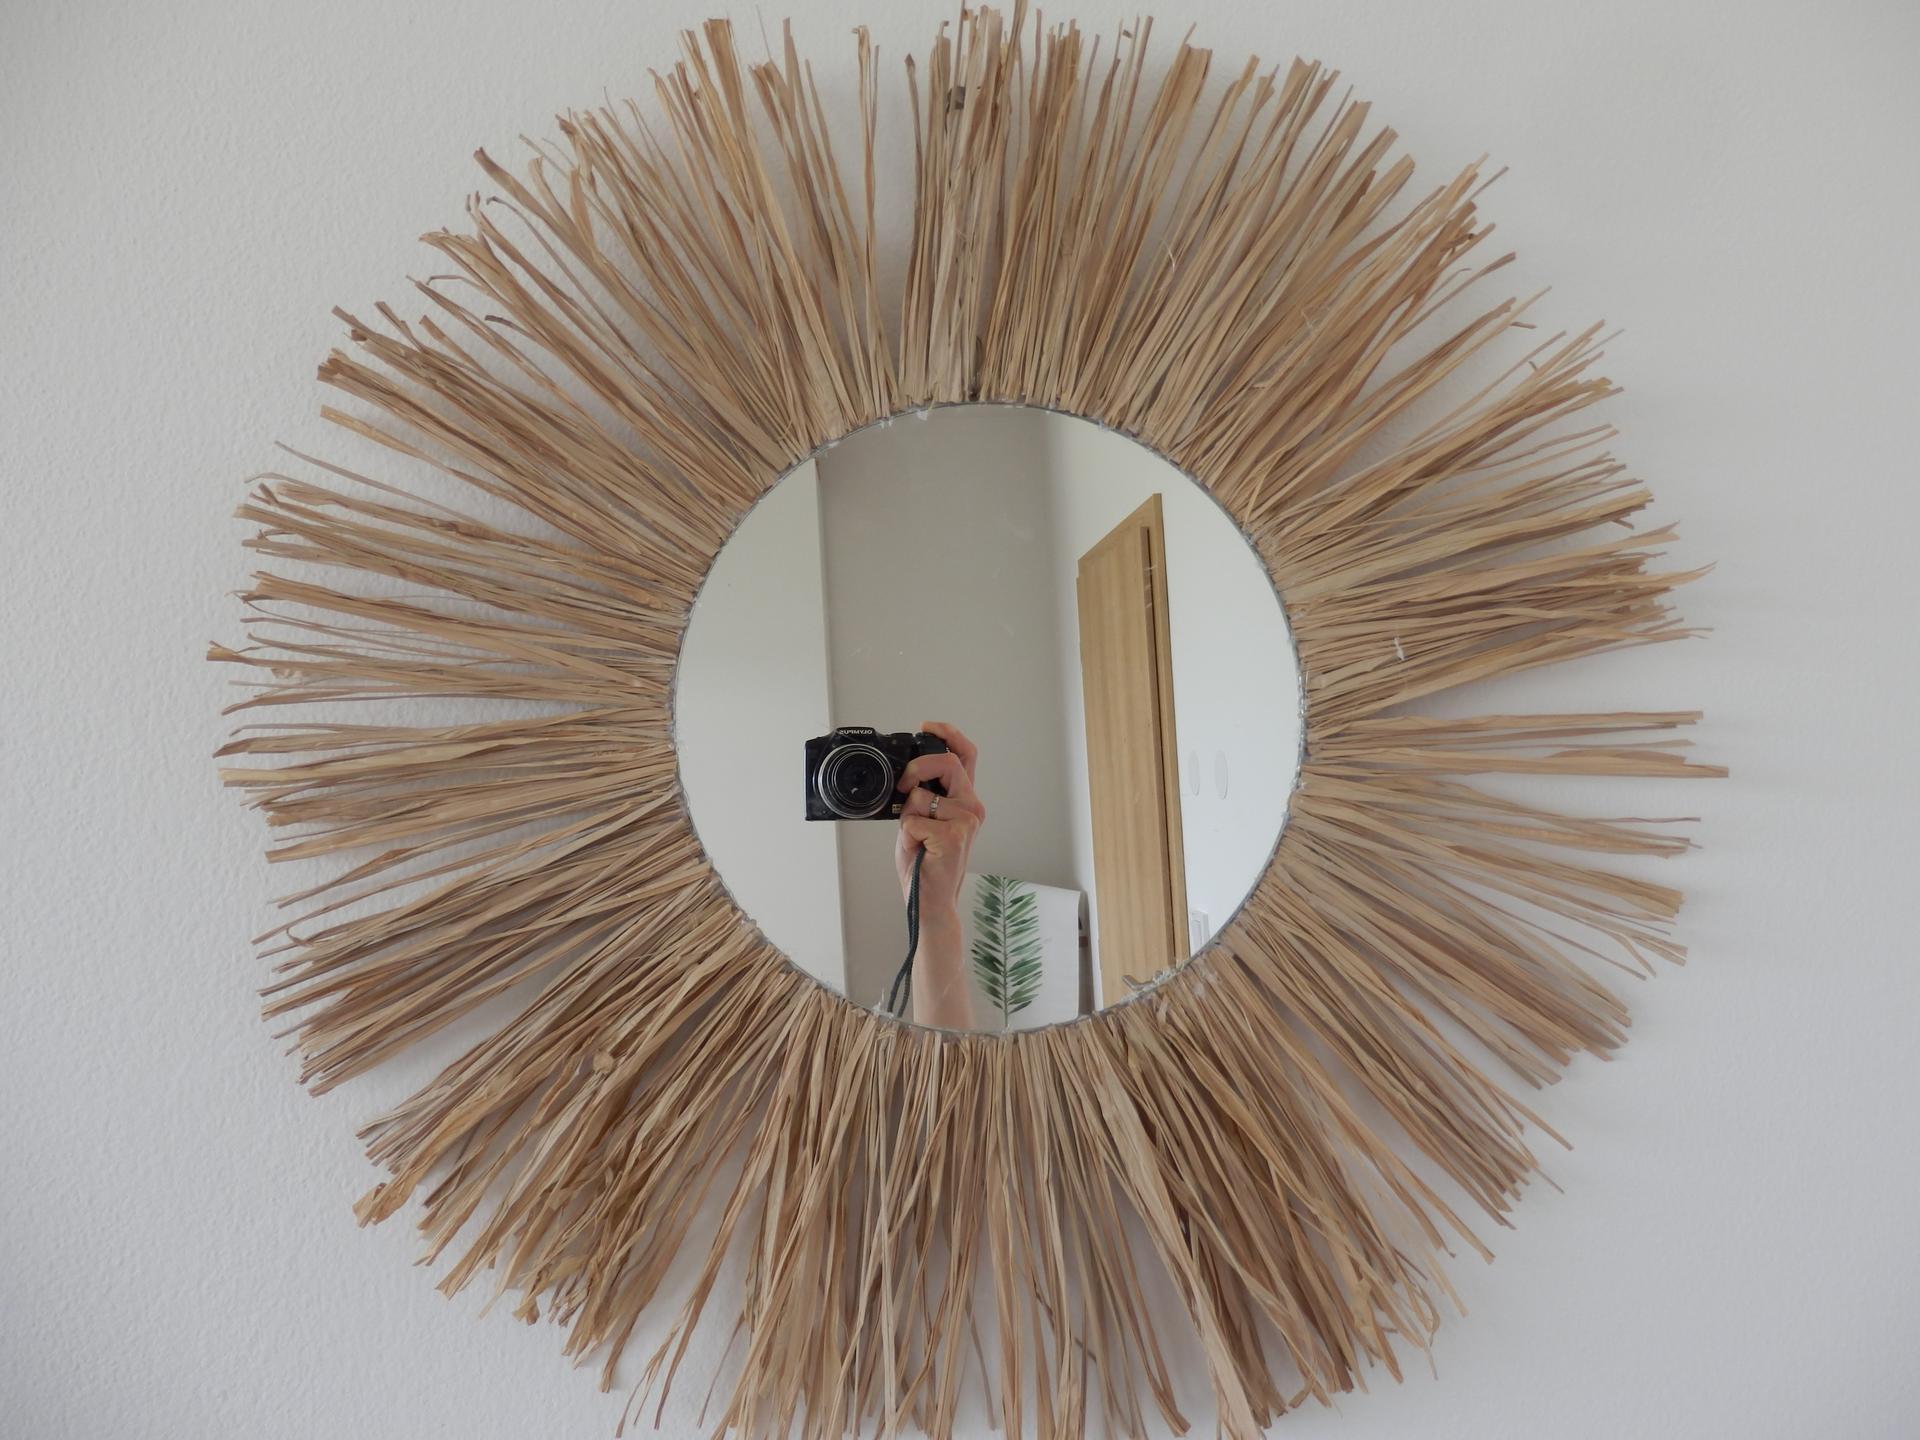 Tvoření je radost - Kulaté zrcadlo, lýko, karton, tavná pistole, nůžky...